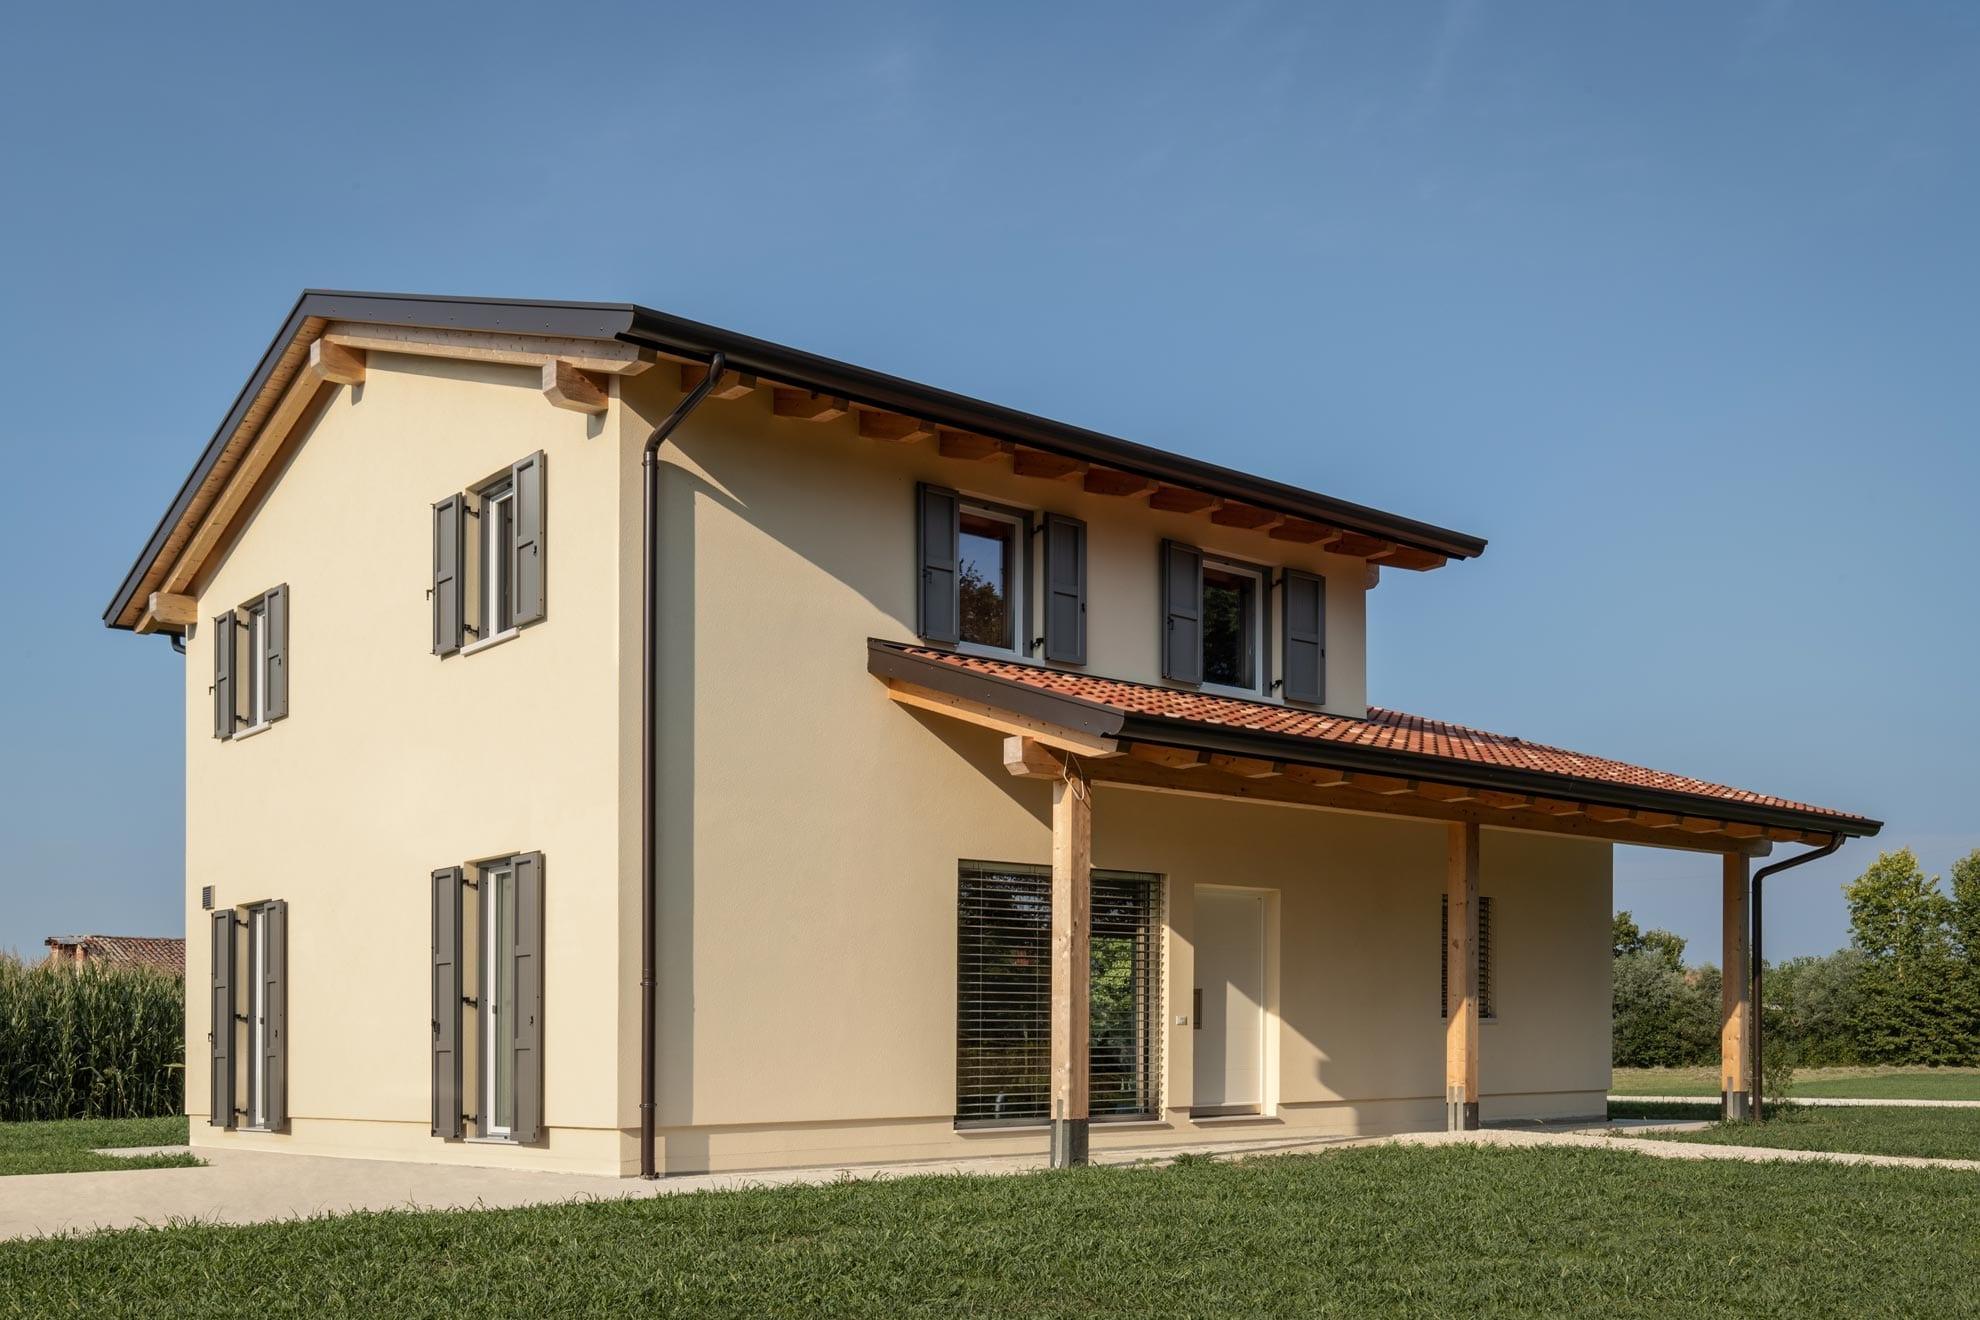 Un ampliamento staccato grazie al piano casa haume case in legno - Ampliamento casa in legno ...